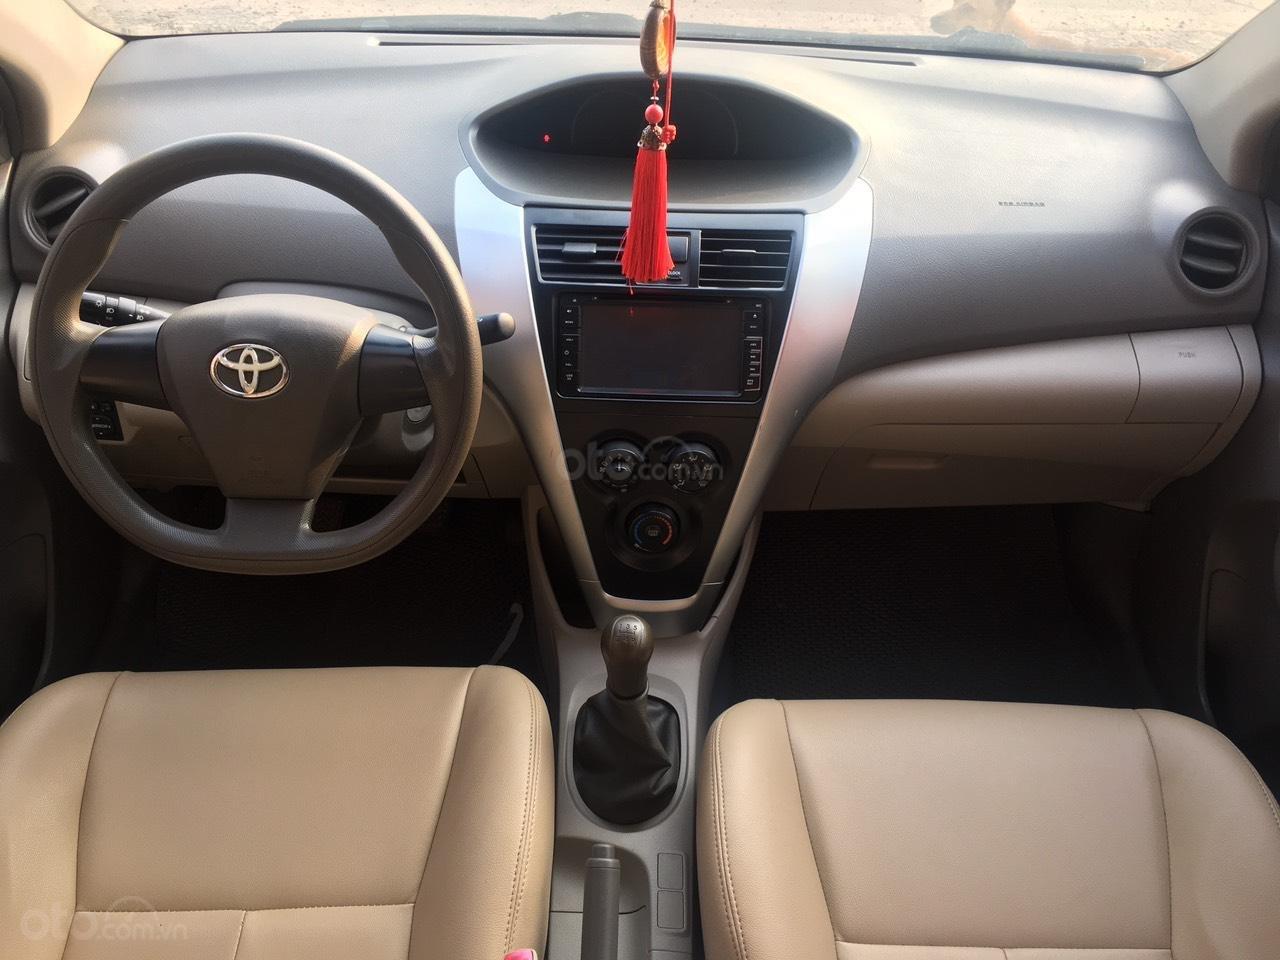 Cần bán Toyota Vios năm sản xuất 2010 giá cạnh tranh (4)